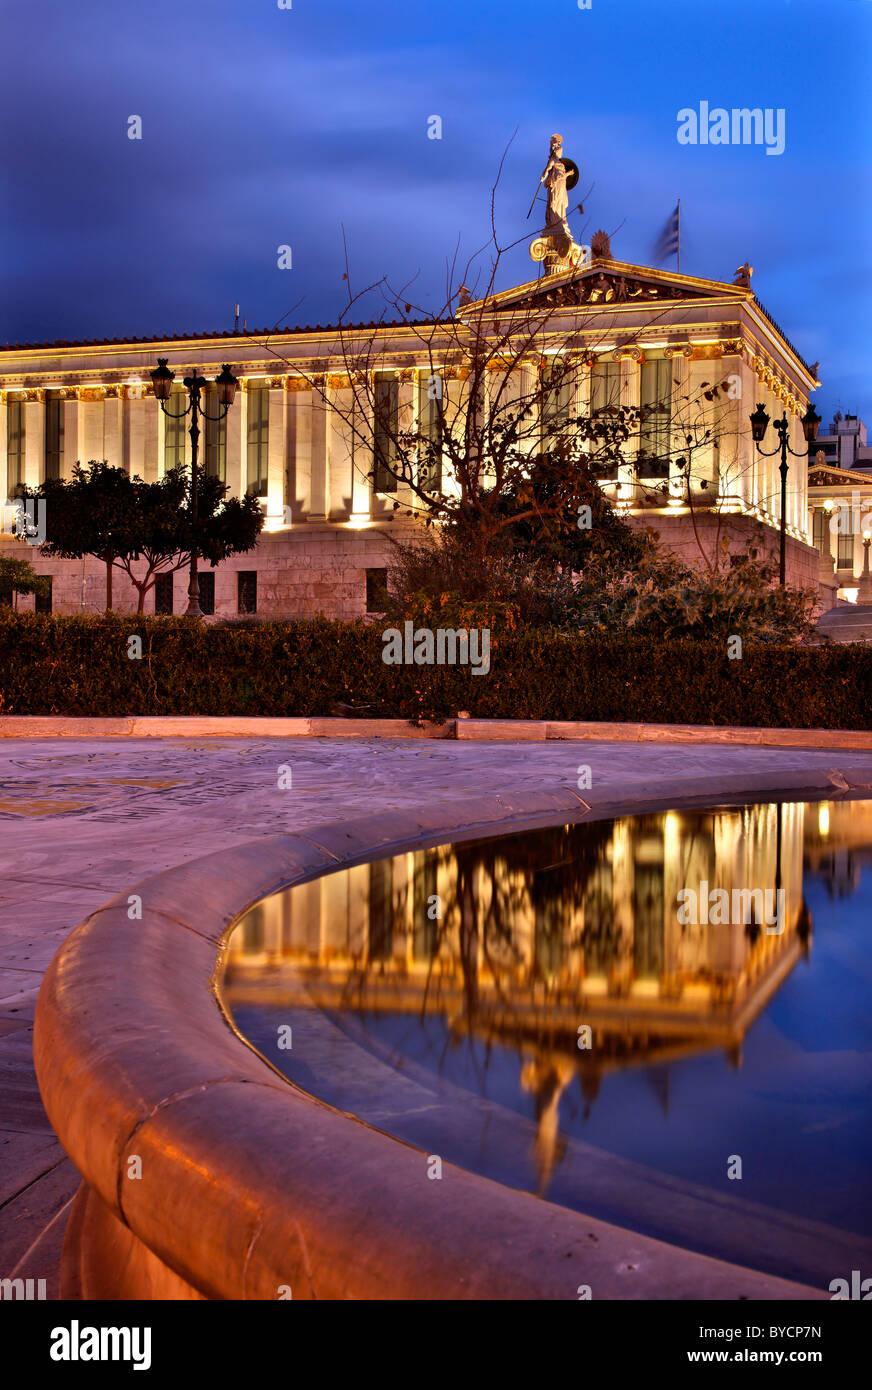 """Die Akademie von Athen, einem wunderschönen neoklassizistischen Gebäude in der """"blauen"""" Stunde. Stockbild"""